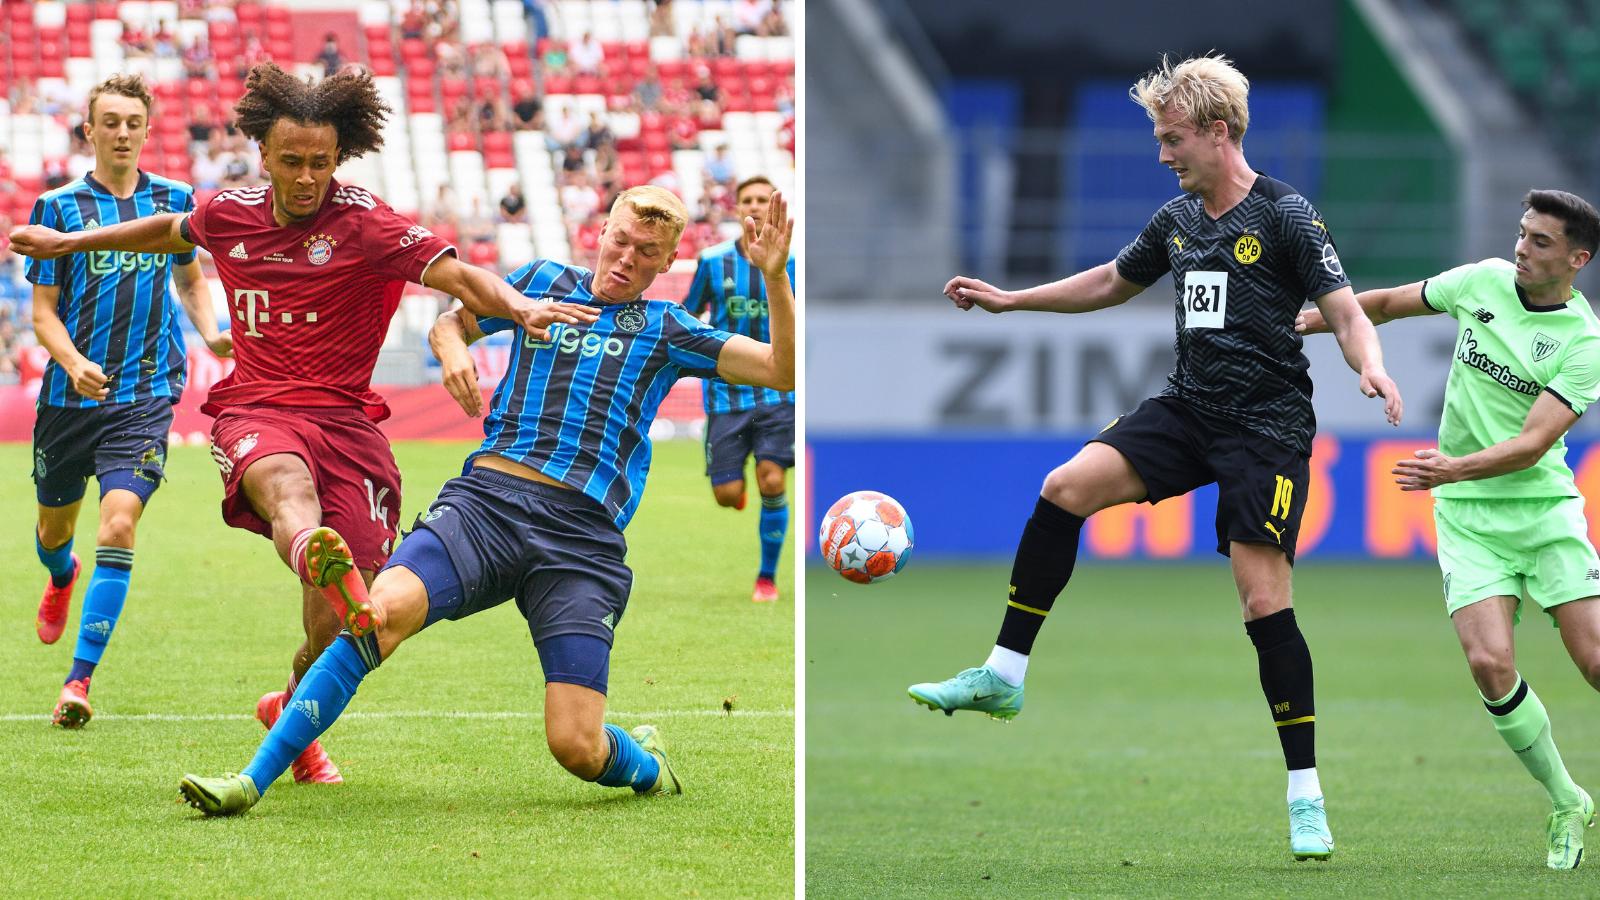 Zirkzee y Brandt en los amistosos de Bayern y Dortmund, los aspirantes a la Bundesliga. Fotos: Imago